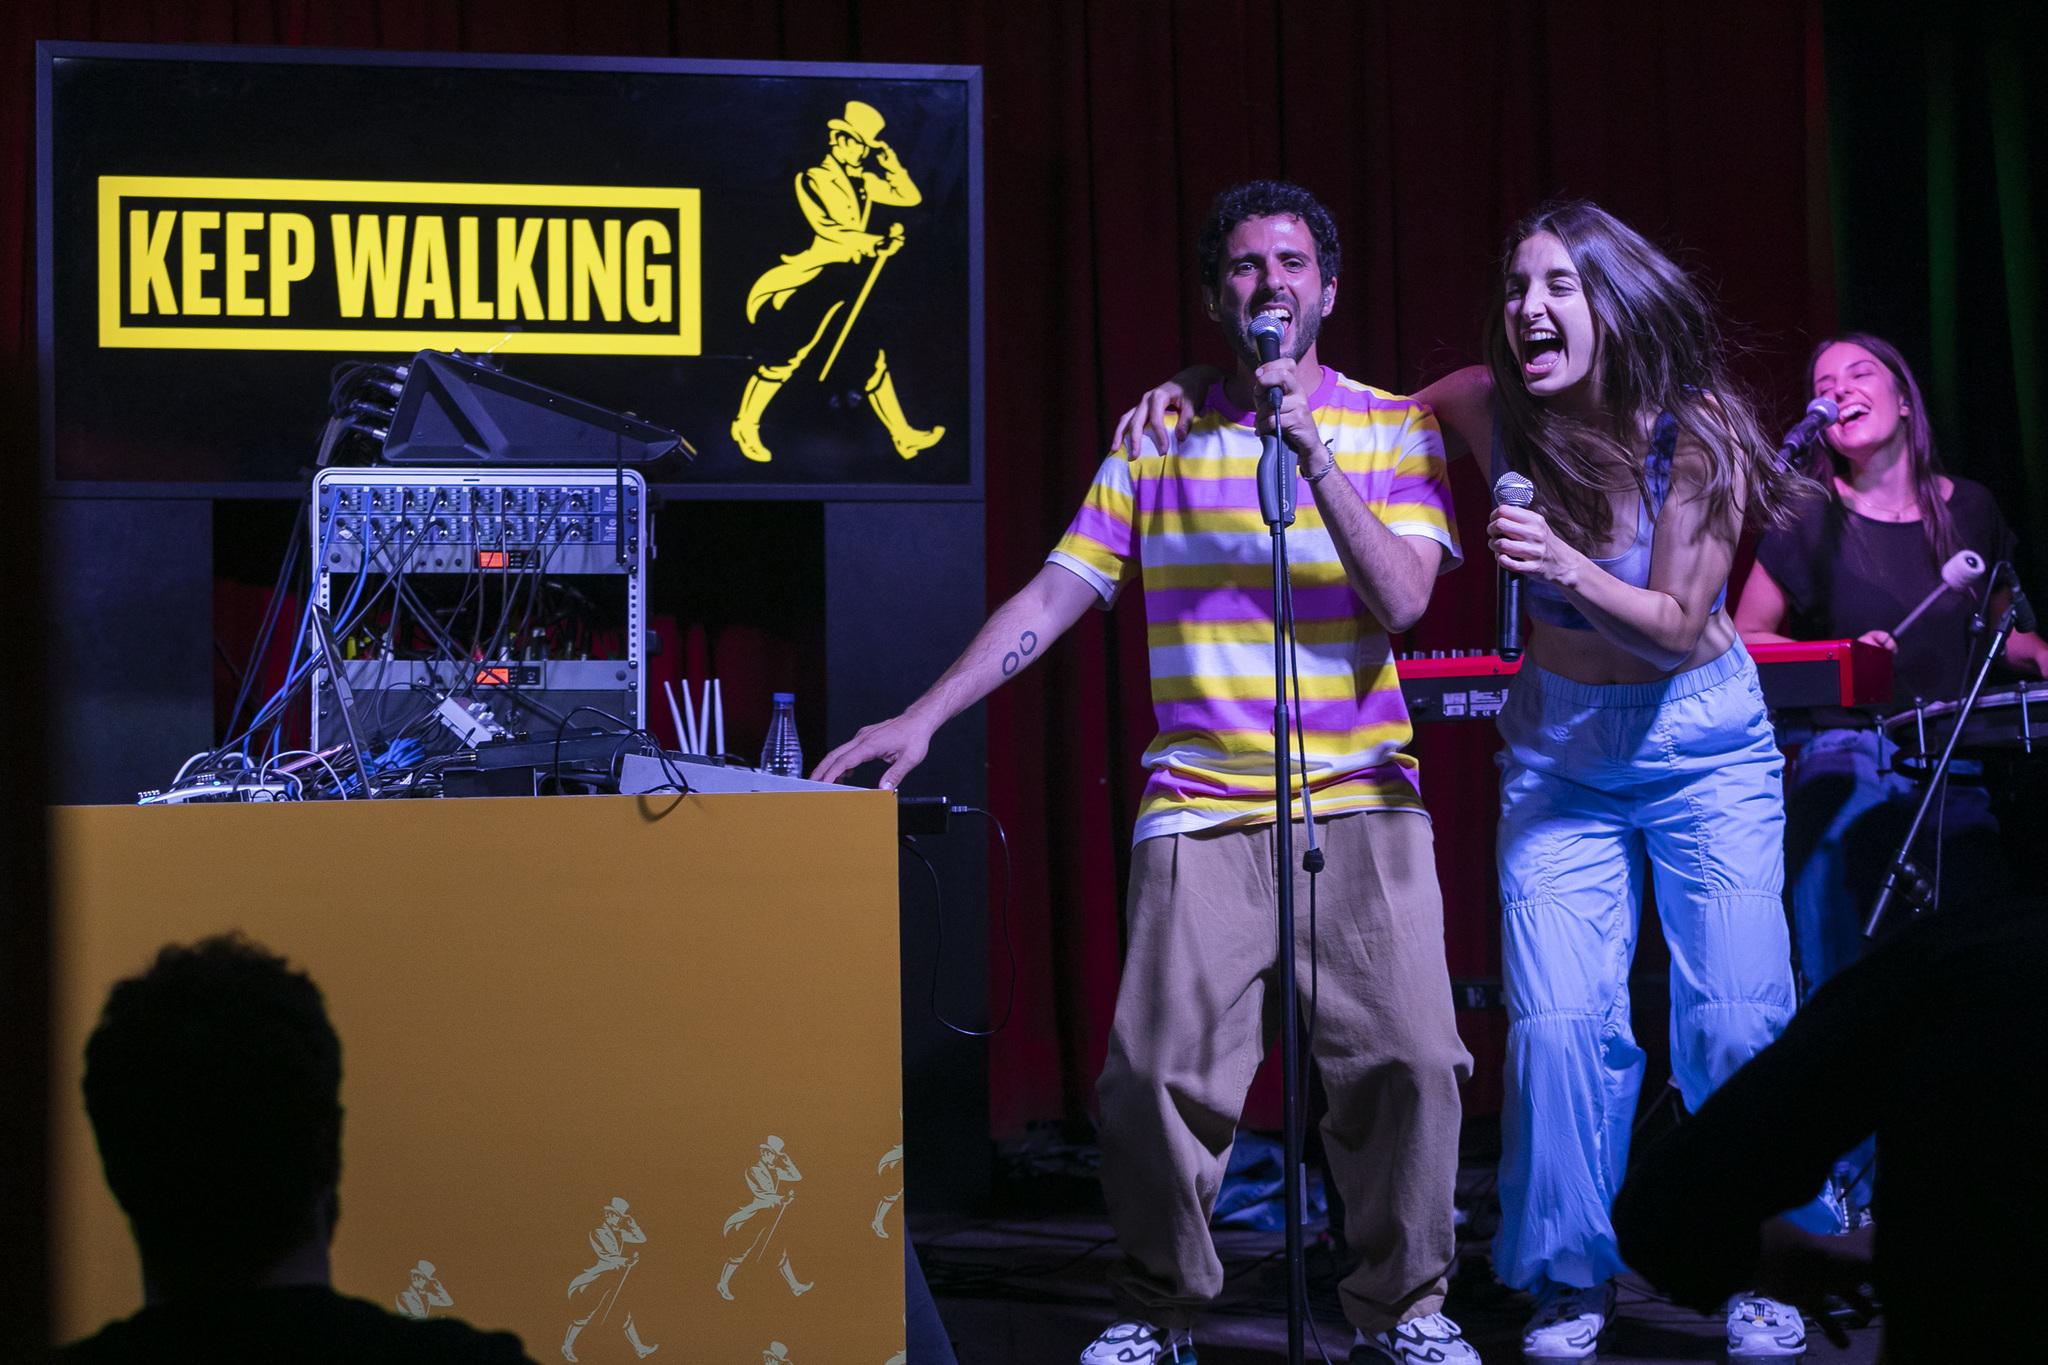 El concierto Keep Walking Together de Johnnie Walker en la Sala El Sol supuso la vuelta a los escenarios de Delaporte.